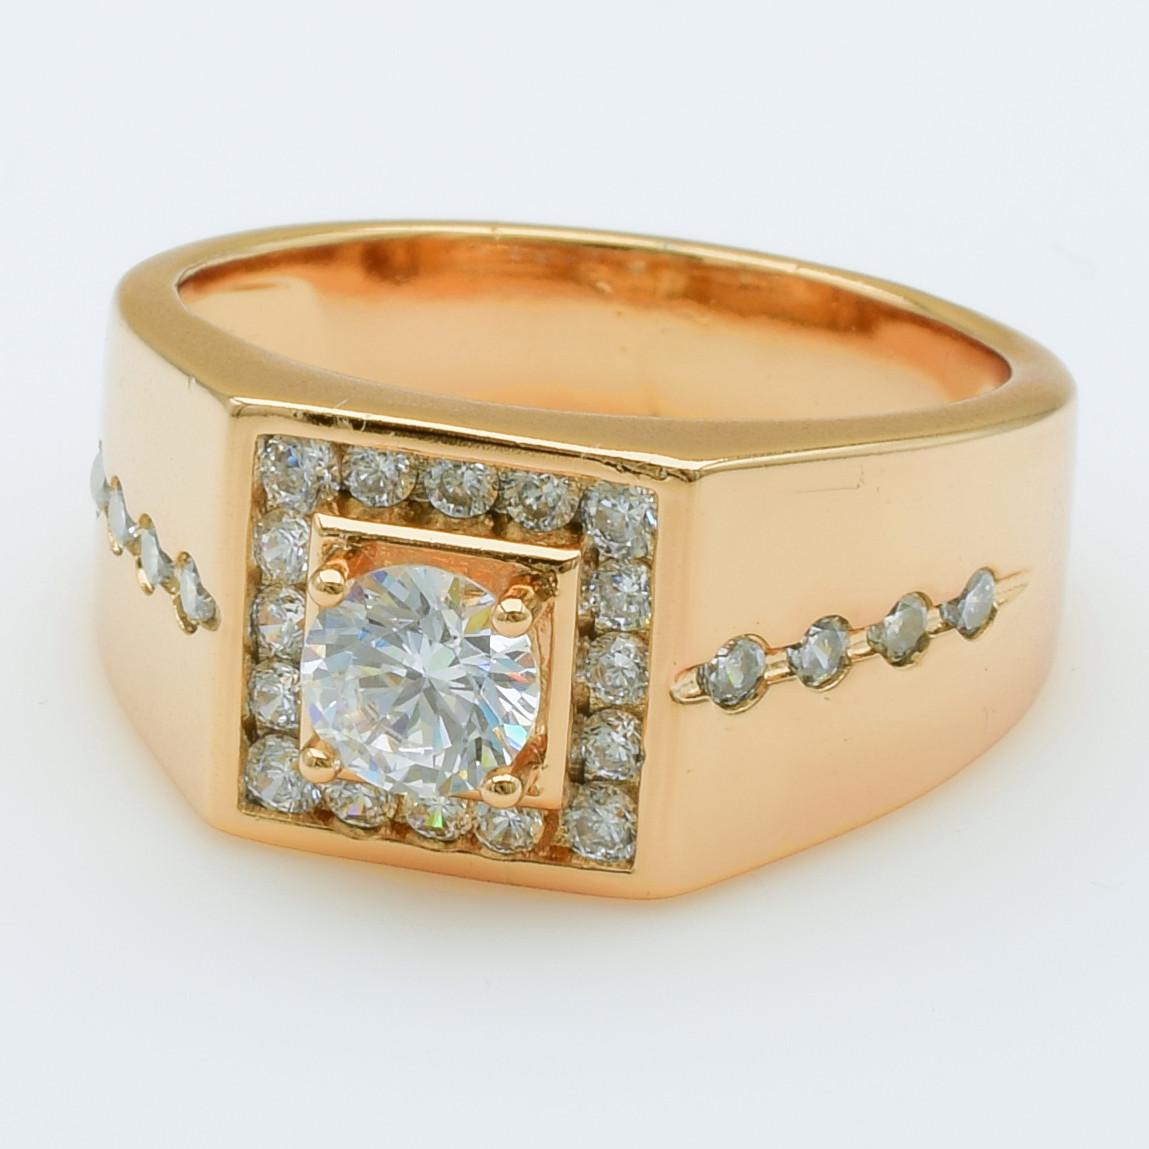 XUPING Перстень Позолота 18к з білими цирконами, Висота 1.1 см, Розмір 19.5